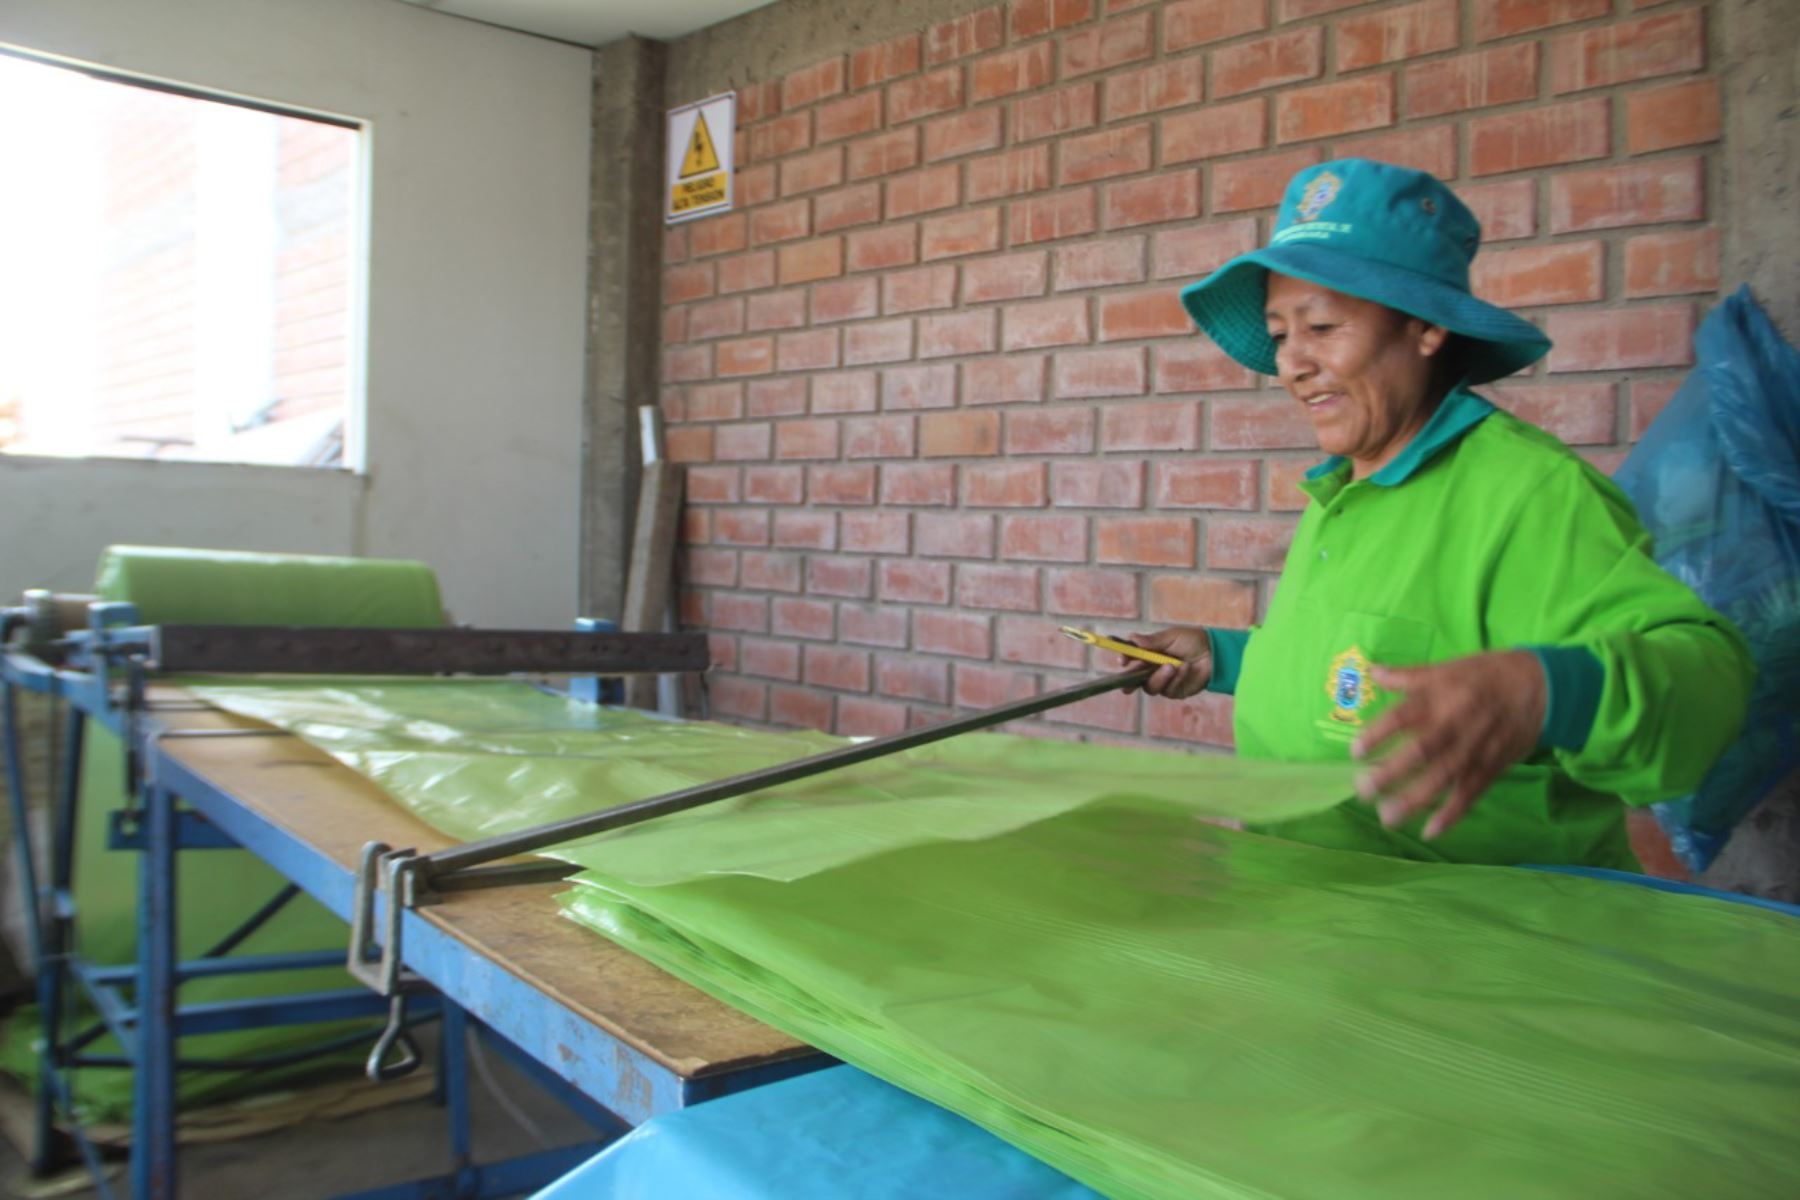 En el distrito de Yanahuara, región Arequipa, funciona la única planta de reciclaje del país que reutiliza el plástico para producir bolsas de plástico.